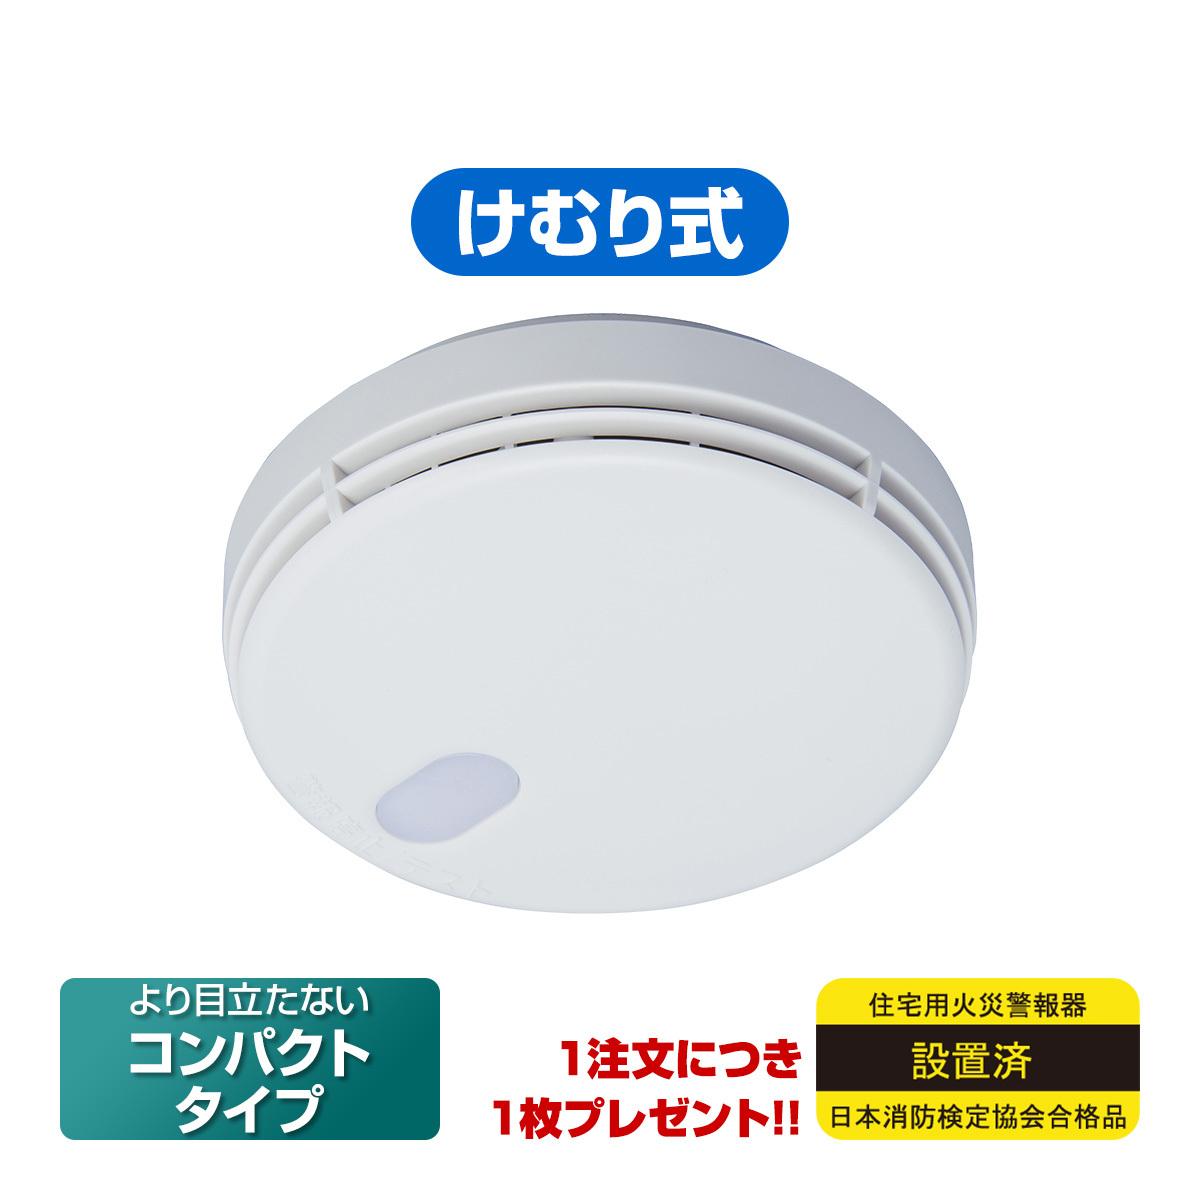 能美防災 住宅用火災警報器まもるくん 煙式 FSKJ225-B-N 90ミリサイズ 単独型 電池式 音声式 報知器